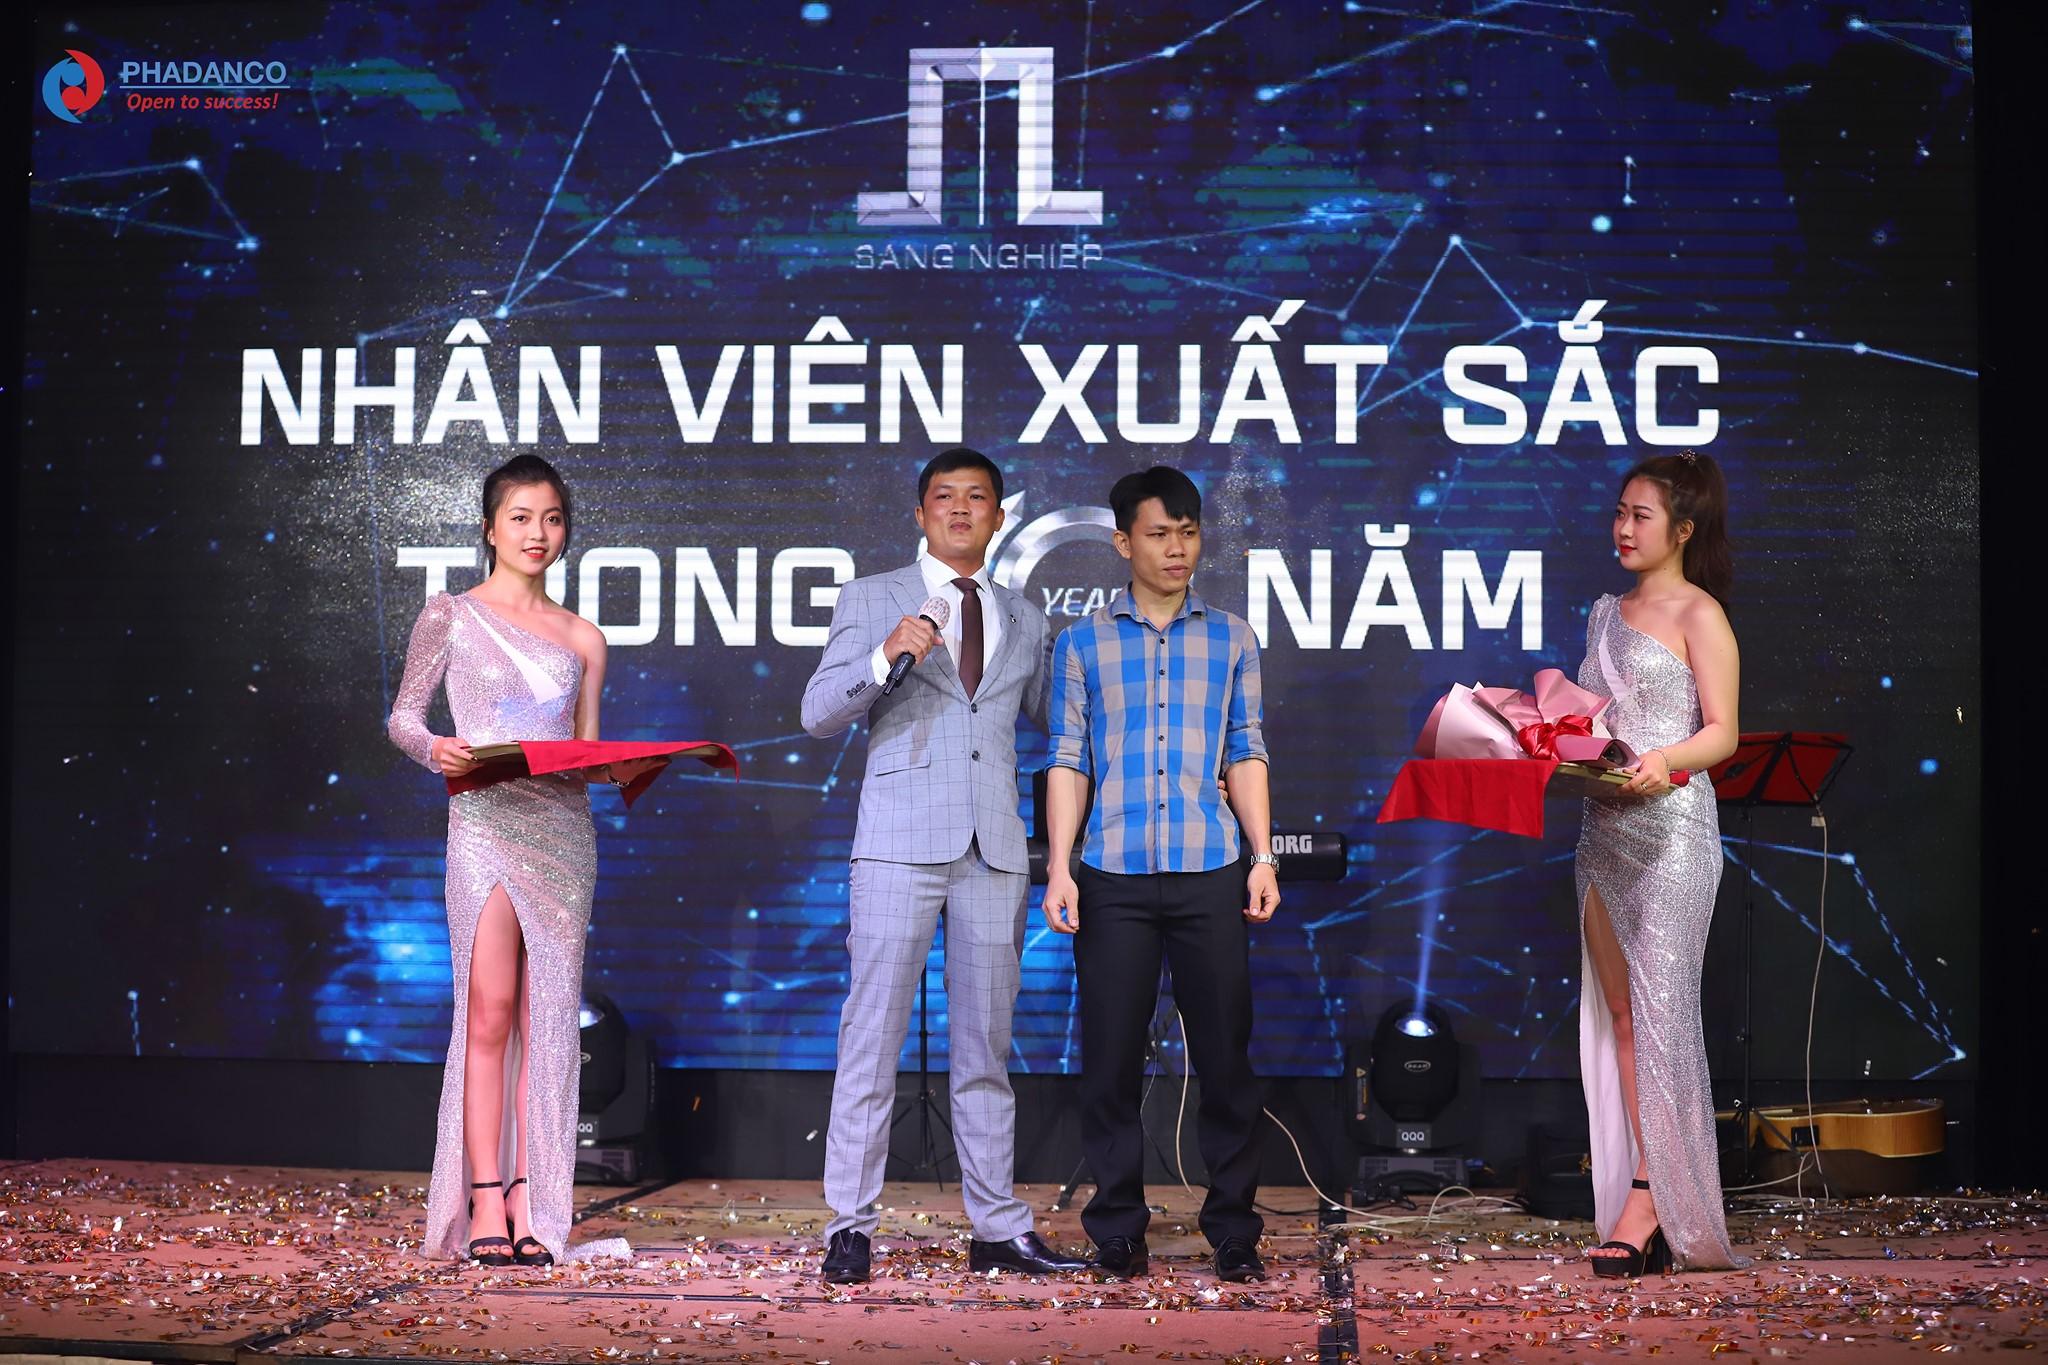 Công ty Truyền Thông Phan Đăng tổ chức sự kiện kỷ niệm 10 năm thành lập Công ty thang máy gia đình Sáng Nghiệp